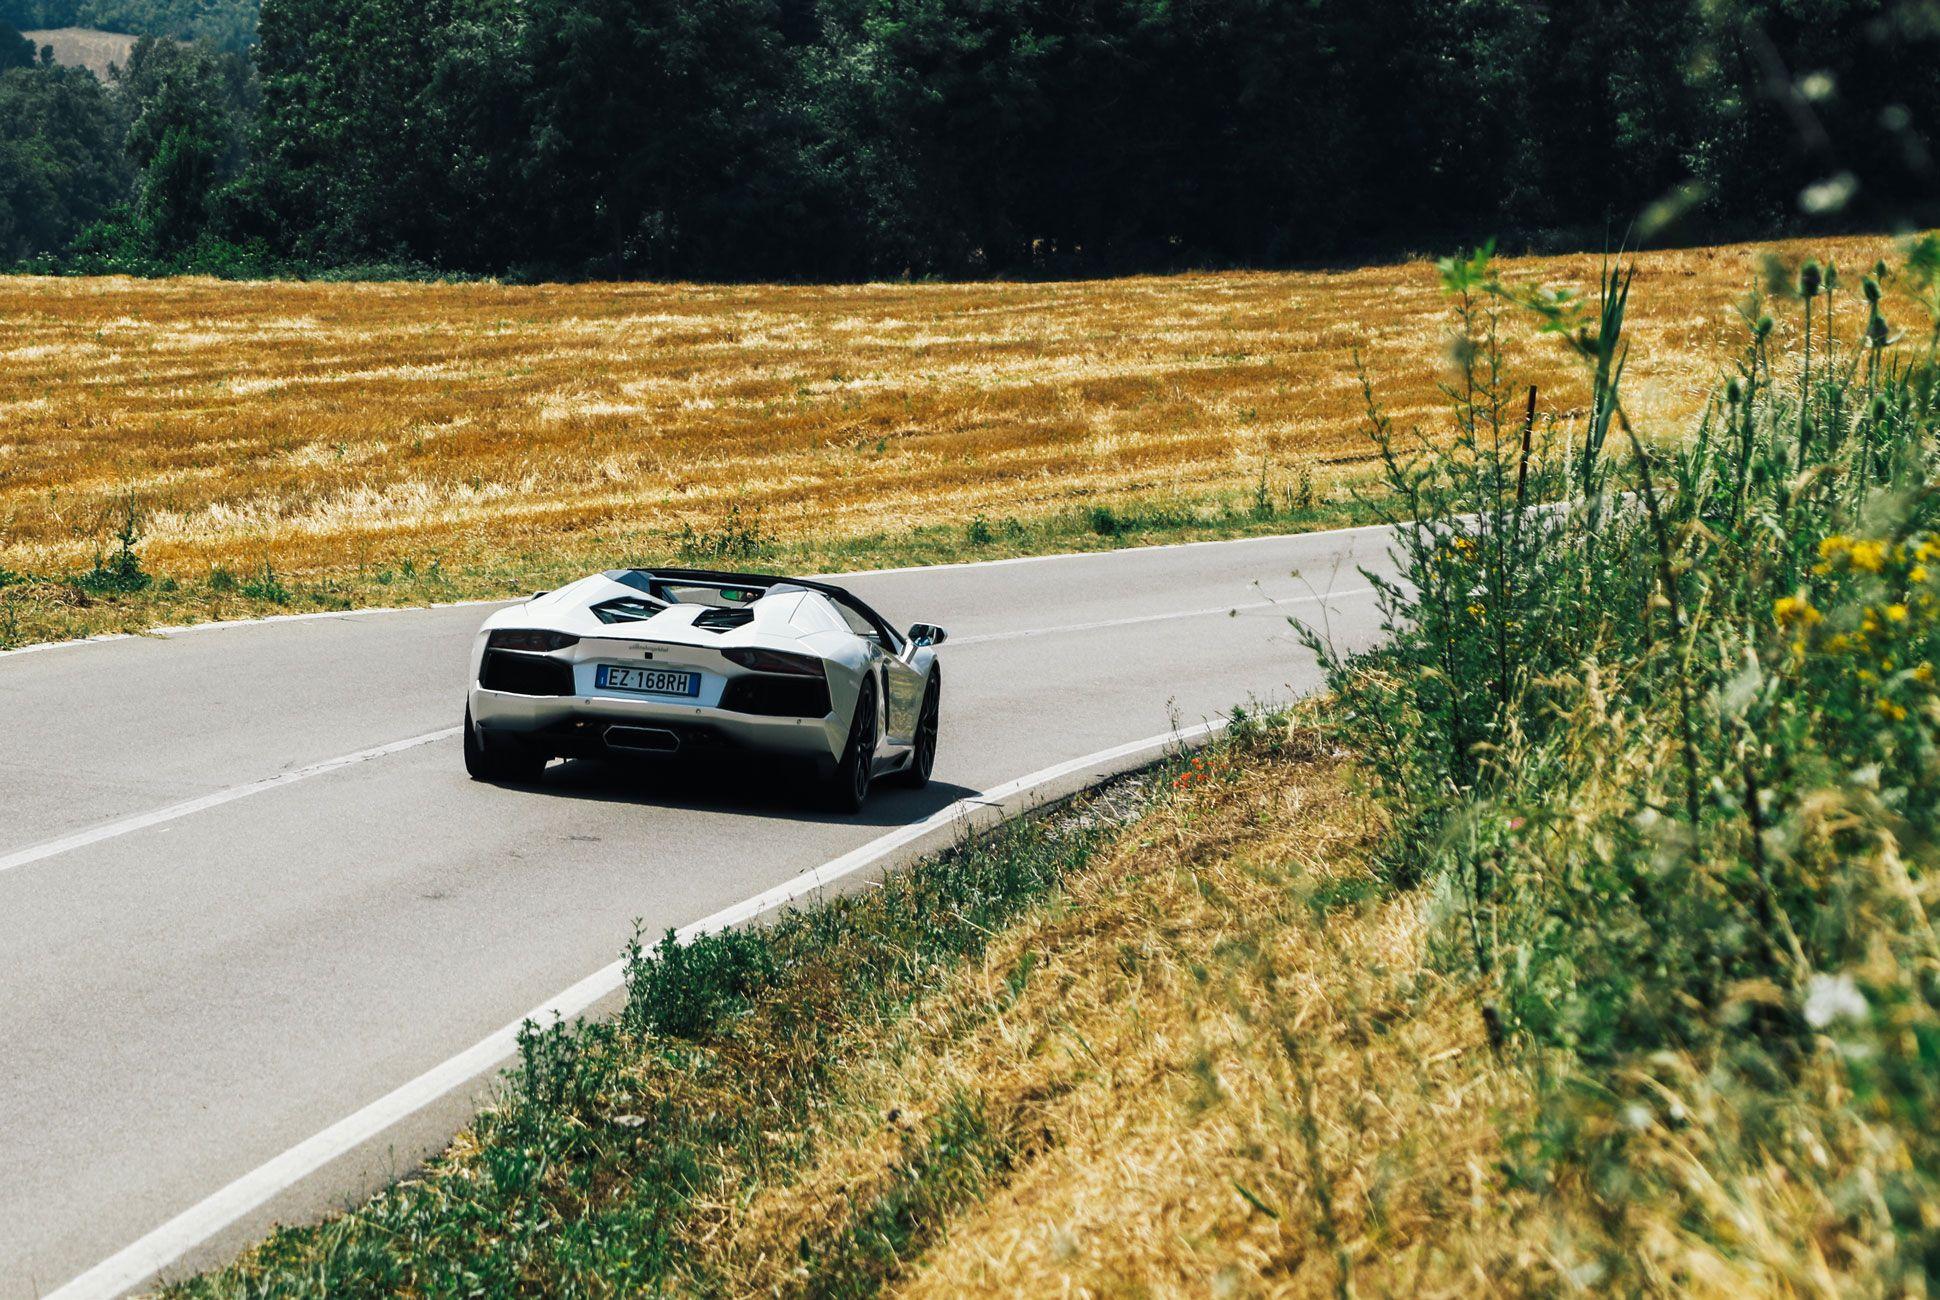 Lamborghini-Aventador-Roadster-Gear-Patrol-Slide-9